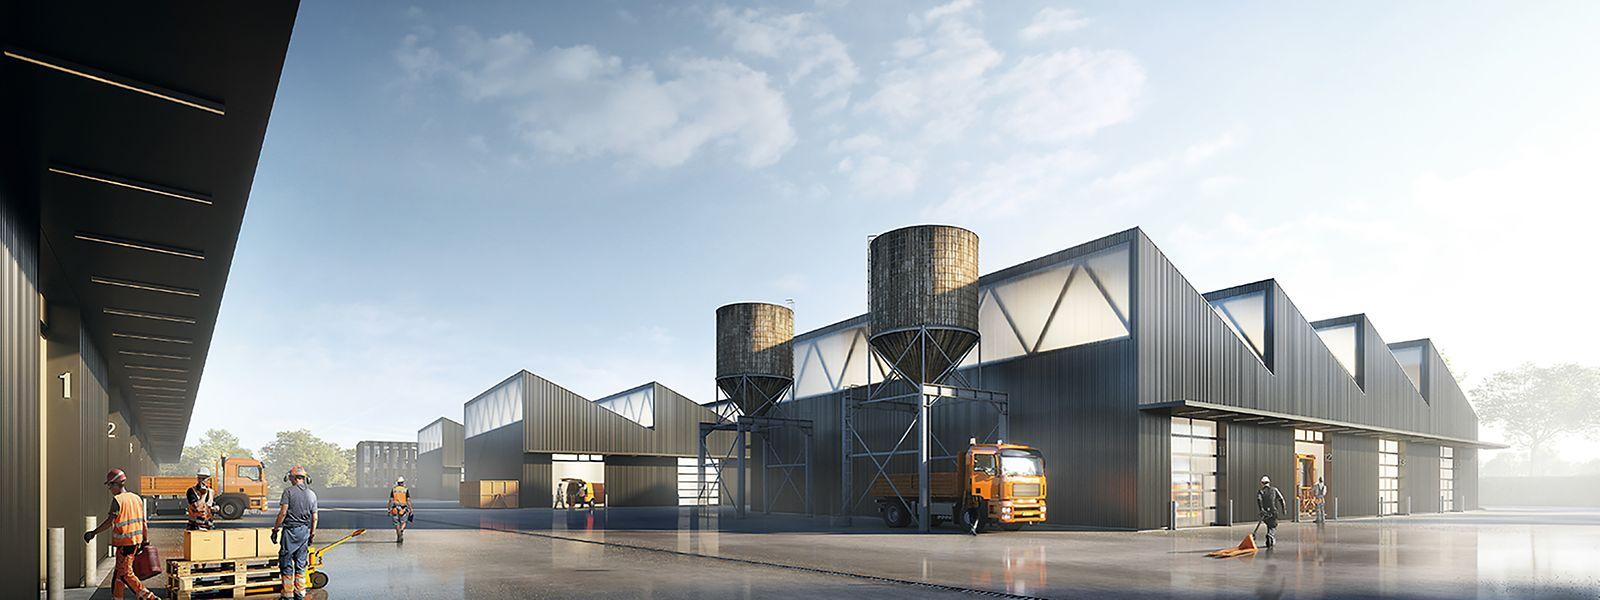 Das neue Zentrum für die technischen Dienste in Niederkorn